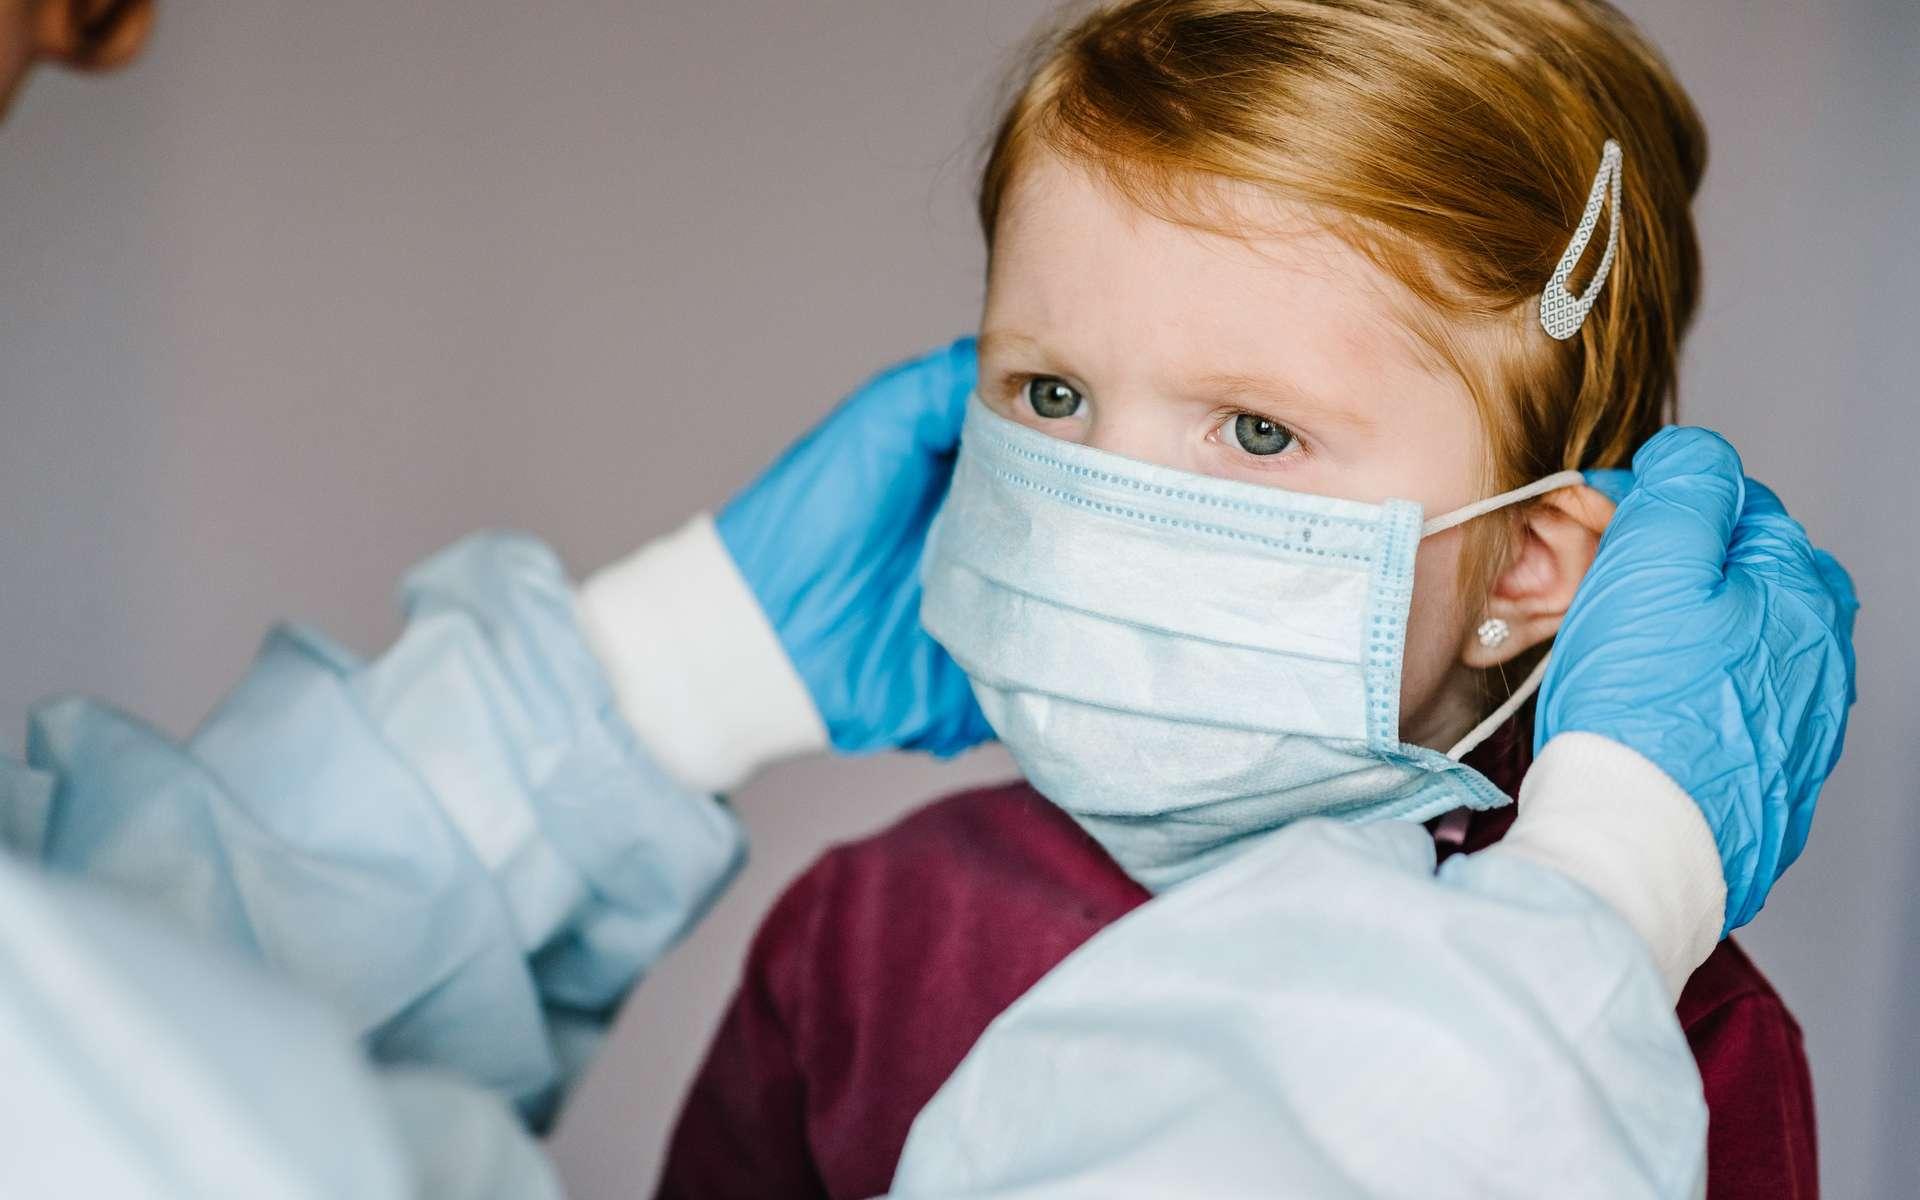 Selon les premières observations du variant Delta, les autorités sanitaires américaines n'ont pas relevé plus de formes graves chez les enfants de Covid-19. © Sergii Sobolevskyi, Shutterstock